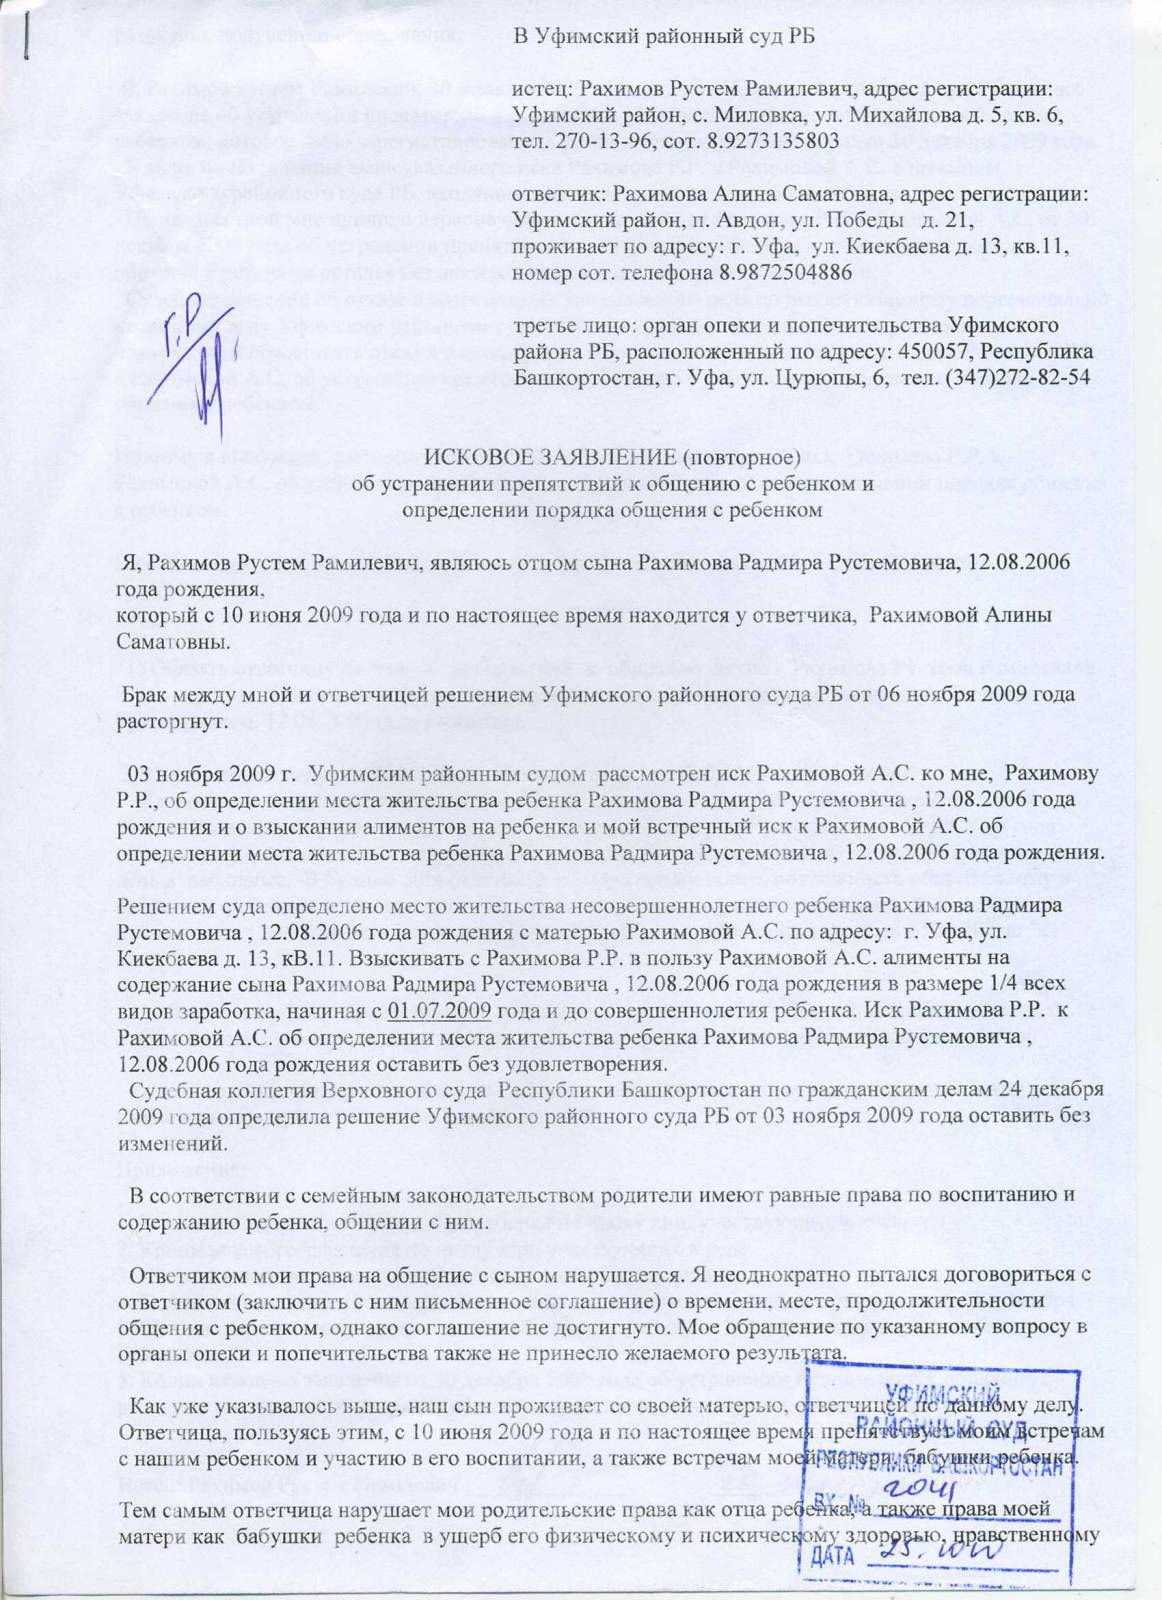 Глава 5 Отчет о движении денежных средств / Бухгалтерская